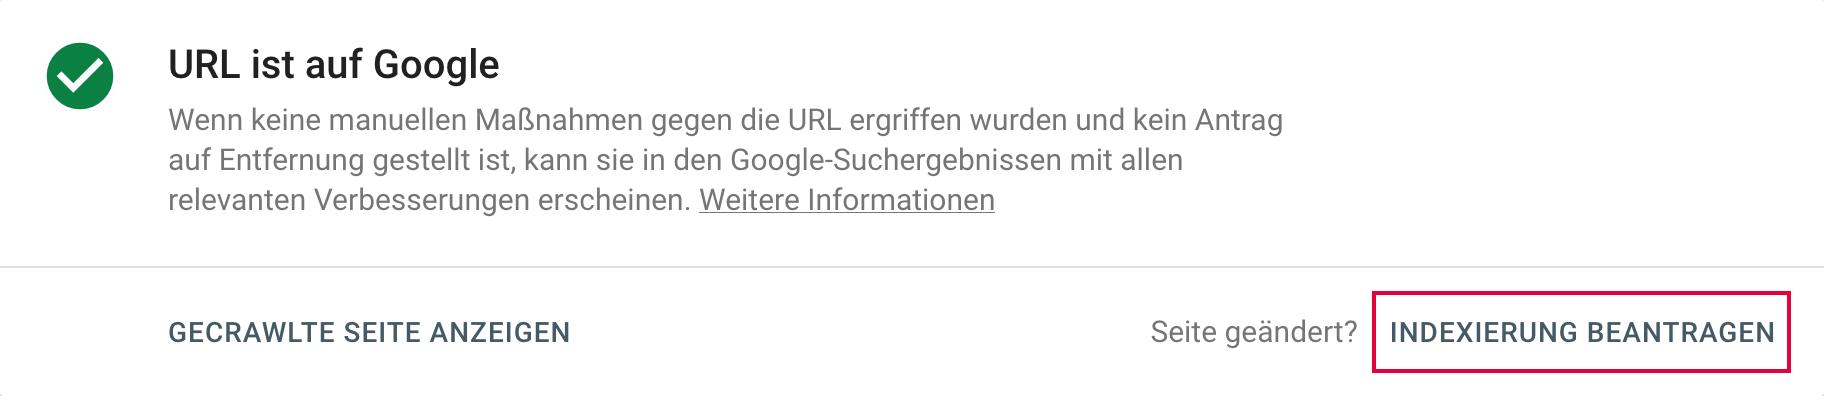 Ansicht der URL-Prüfung bei Google Search Console mit der Möglichkeit eine (erneute) Indexierung zu beantragen.